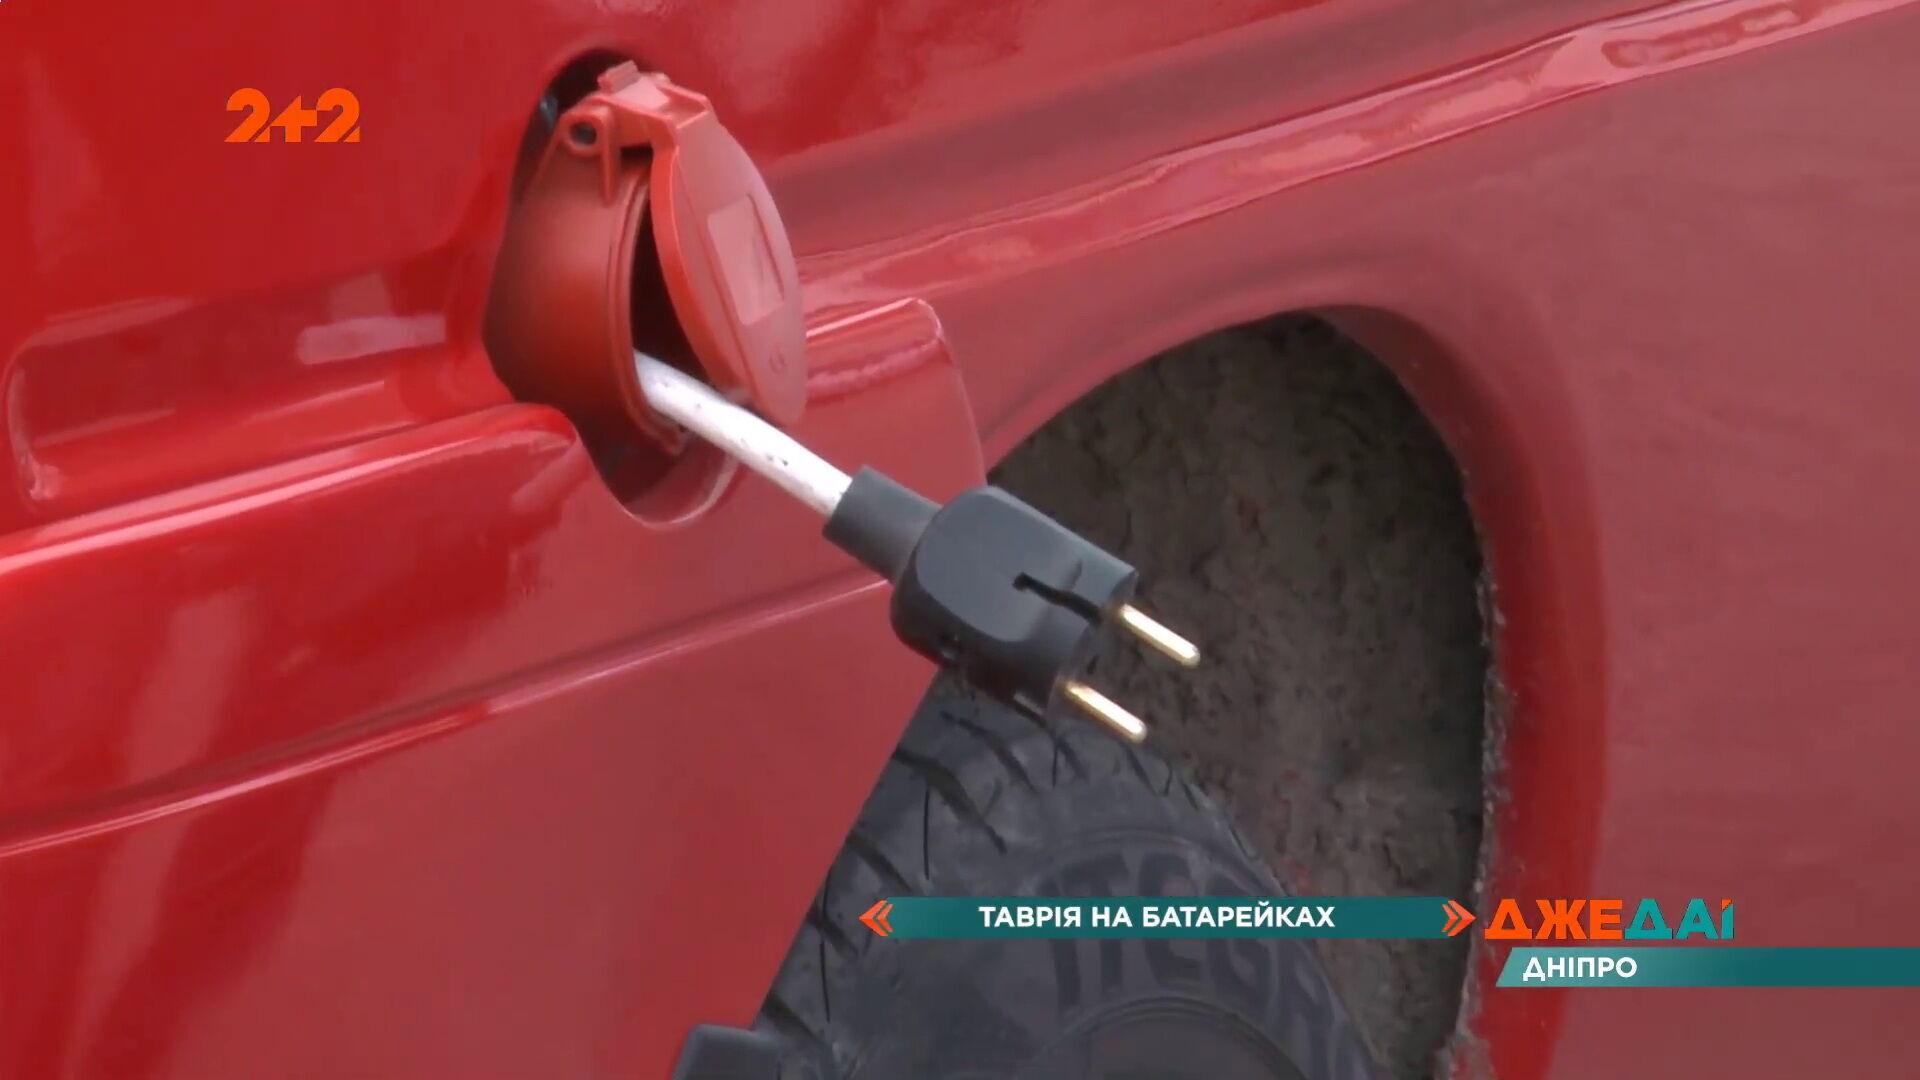 В заливной горловине для топлива скрывается кабель со штекером для подключения к обычной розетке